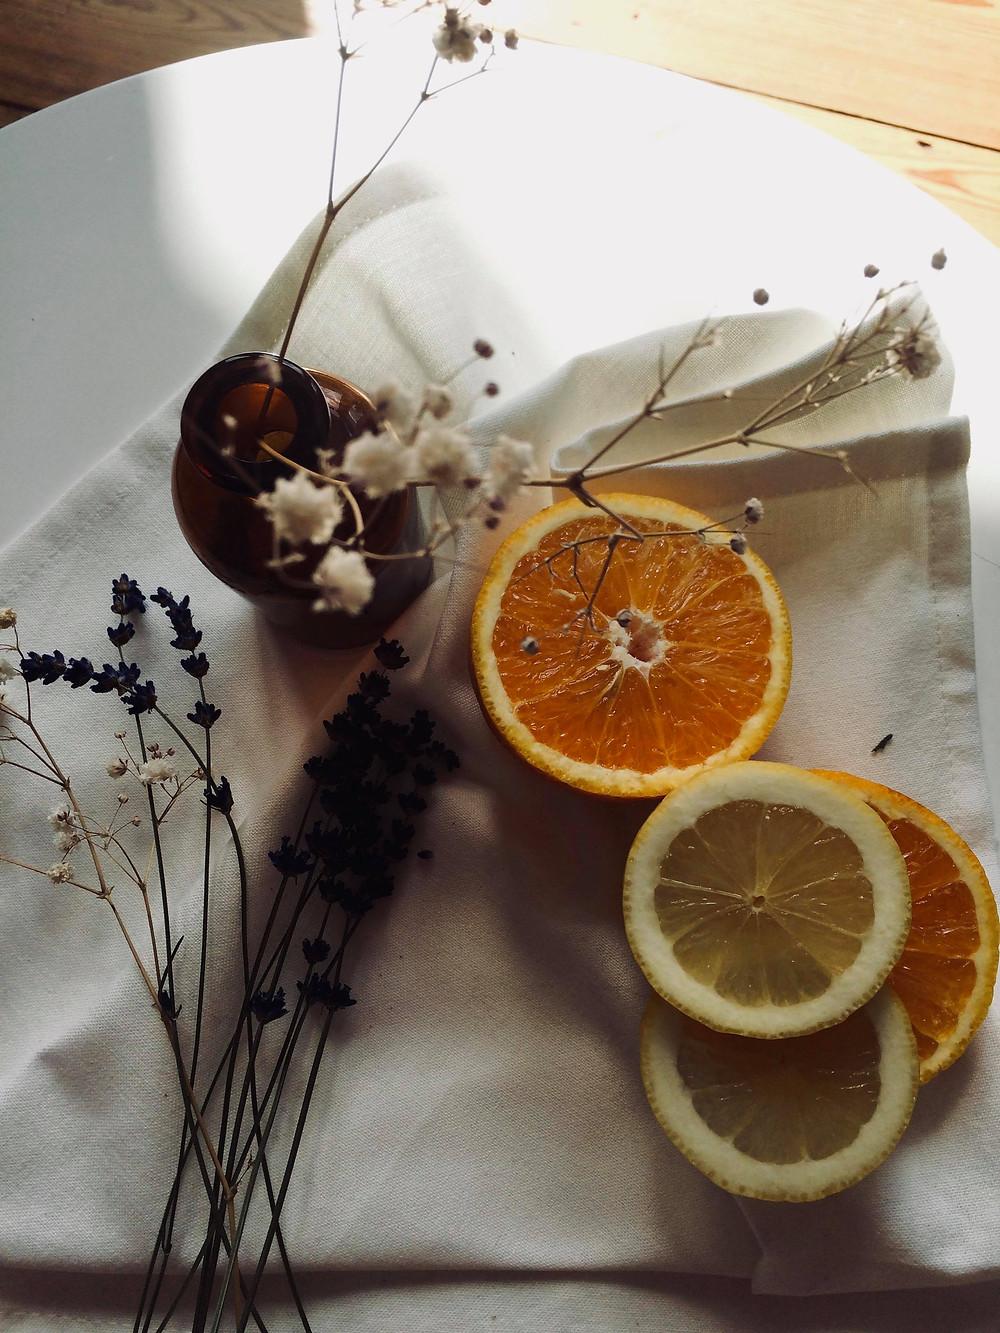 citron, orange, alcalin, acide, ph, neutre, alimentation, sain, santé, maladie, organisme, jus, détox, bio